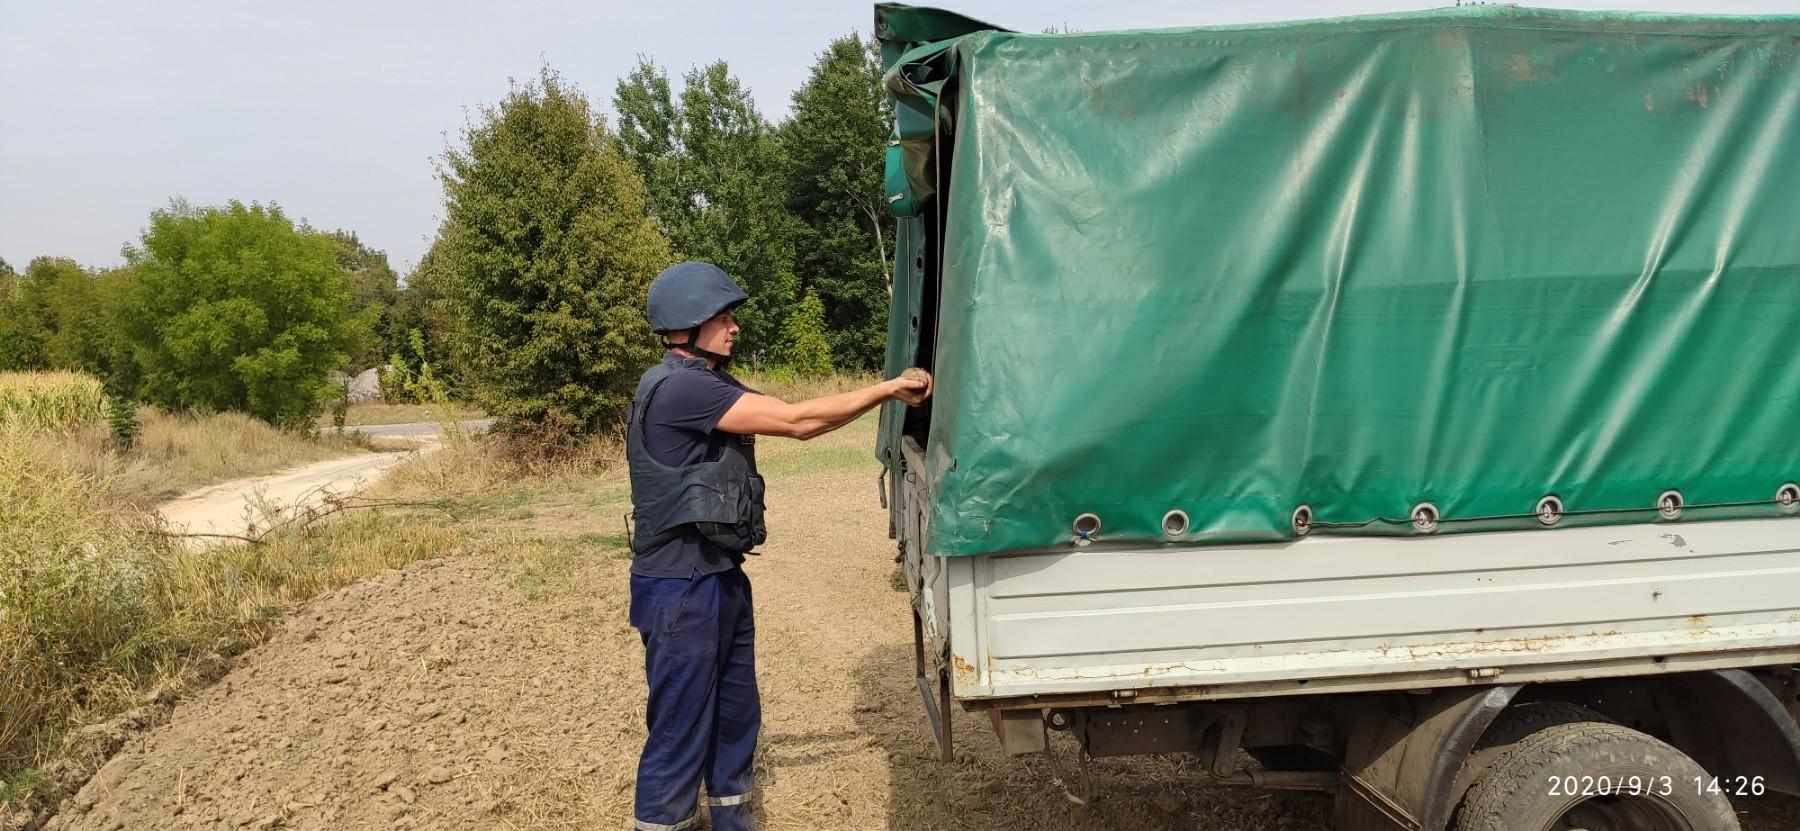 На Київщині виявили та знищили артилерійські снаряди та мінометну міну - Таращанський район, мінометна міна, ДСНС, артилерійські снаряди - IMG 82fa236d9d7981800350cd7ad6d6a9e5 V